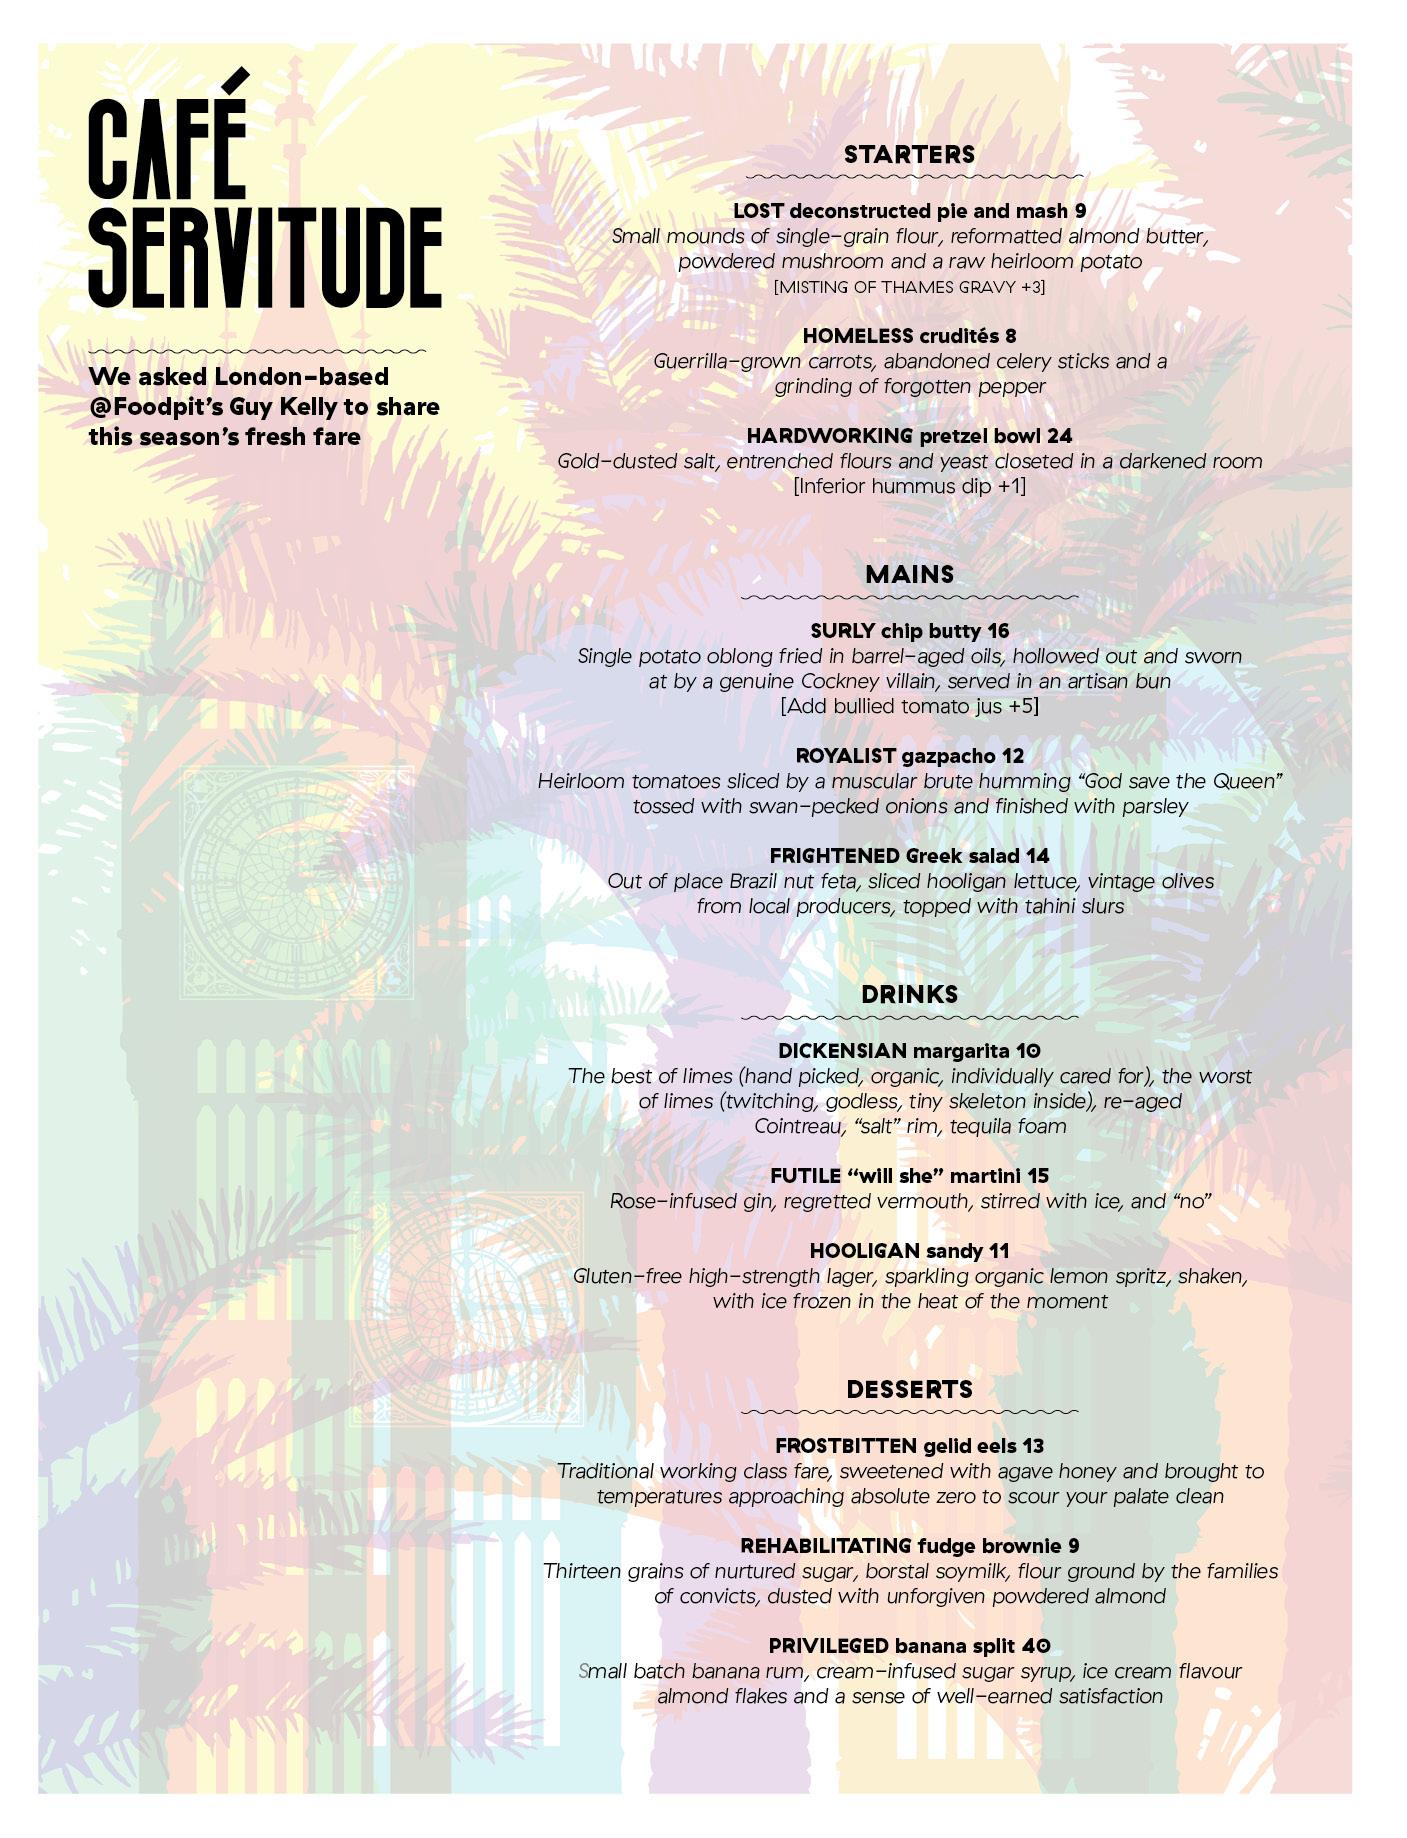 143 Cafe Servitude